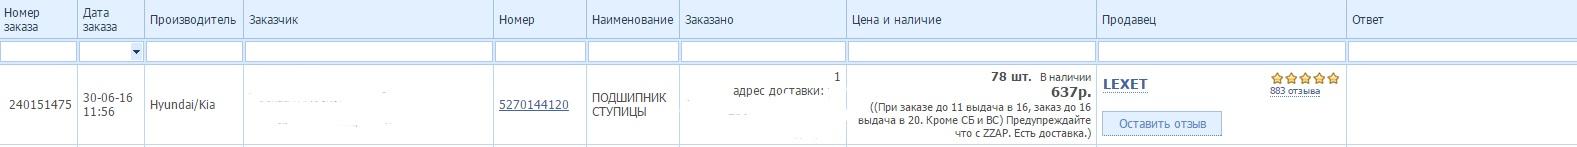 lexet_zakaz